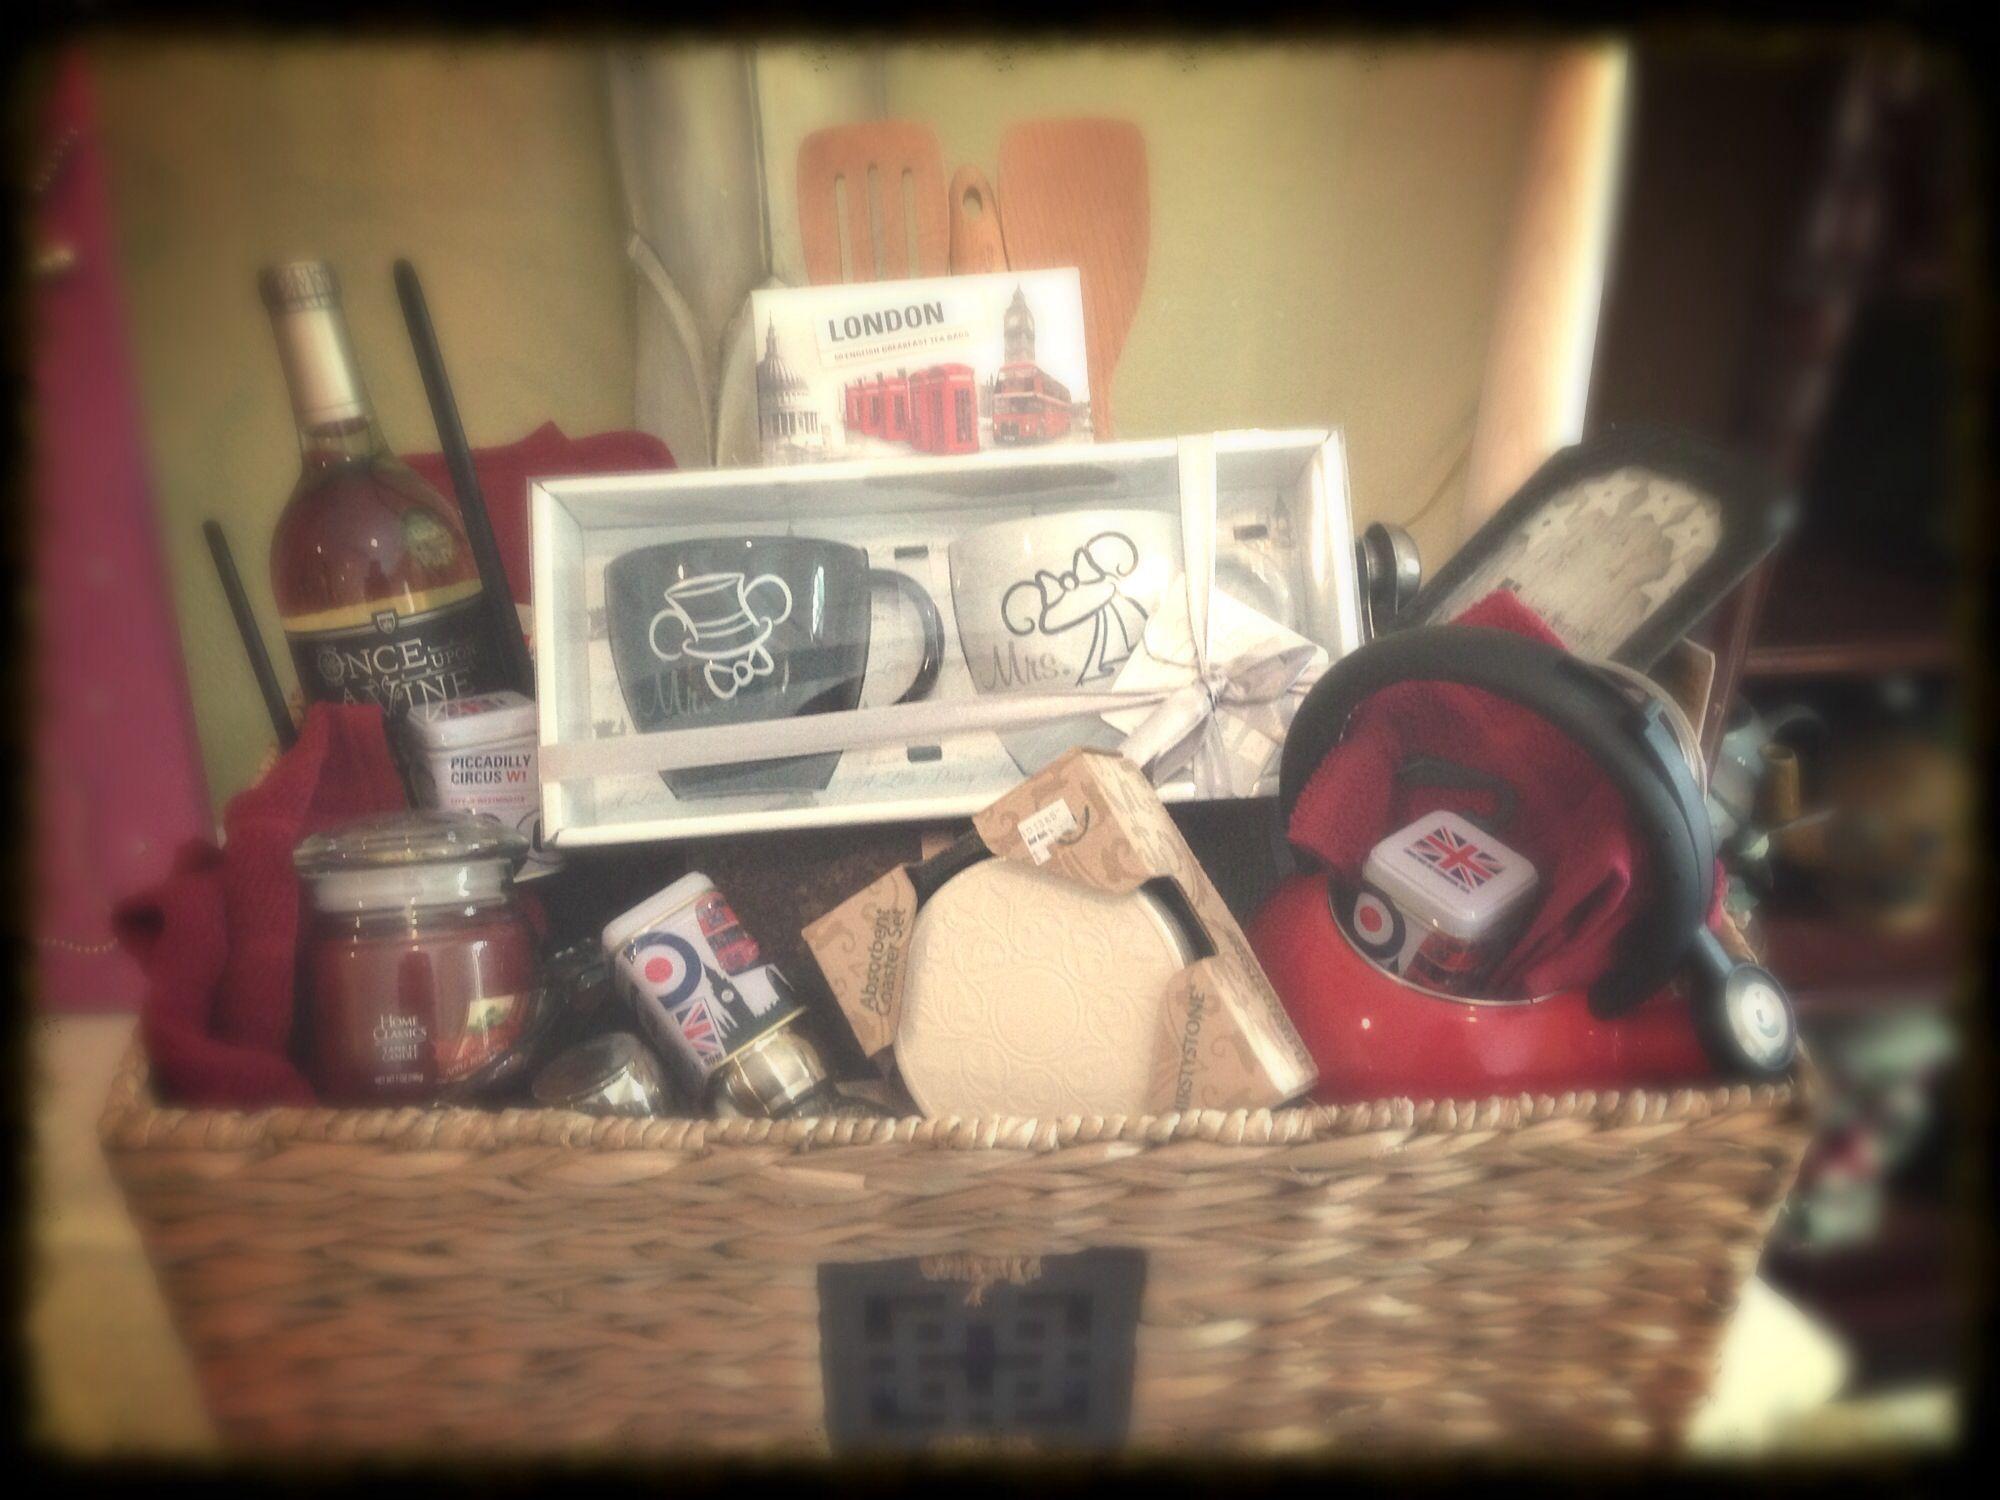 Bridal shower gift basket DIY & Crafts that I love Pinterest